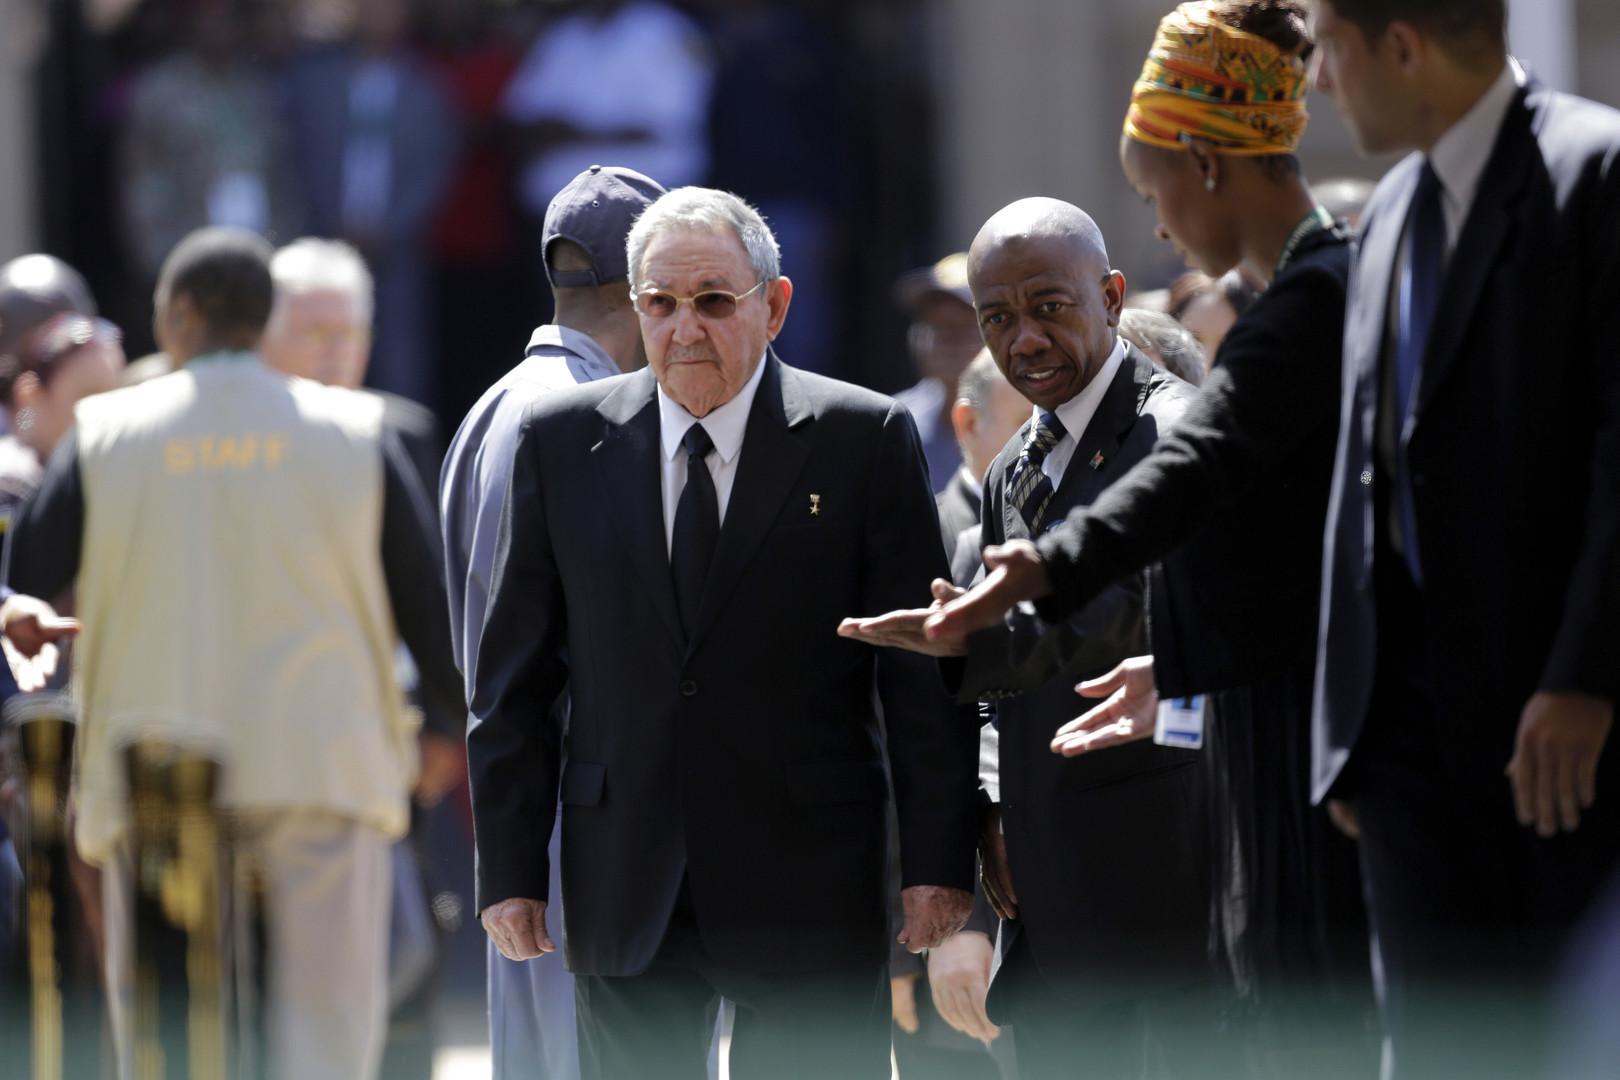 Raúl Castro auf dem Weg zu seiner Ansprache im Rahmen des Staatsbegräbnisses für Nelson Mandela in Pretoria, 12. Dezember 2013